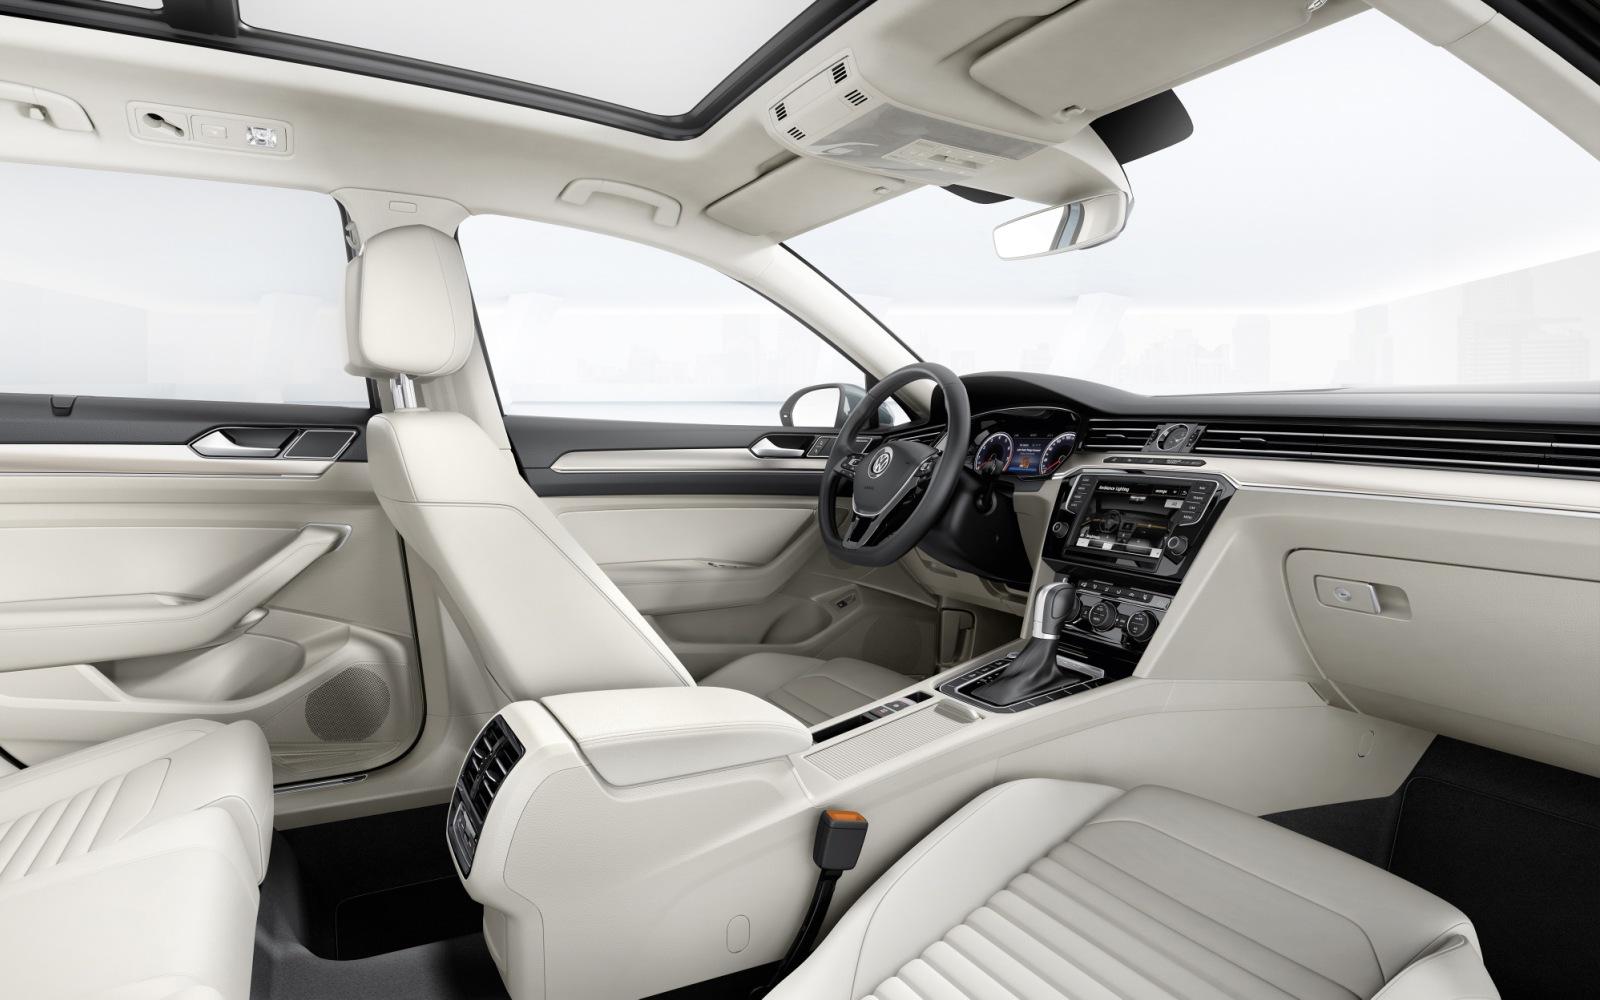 Volkswagen Passat 2014 Interior Front FrontSeatDriver.co.uk